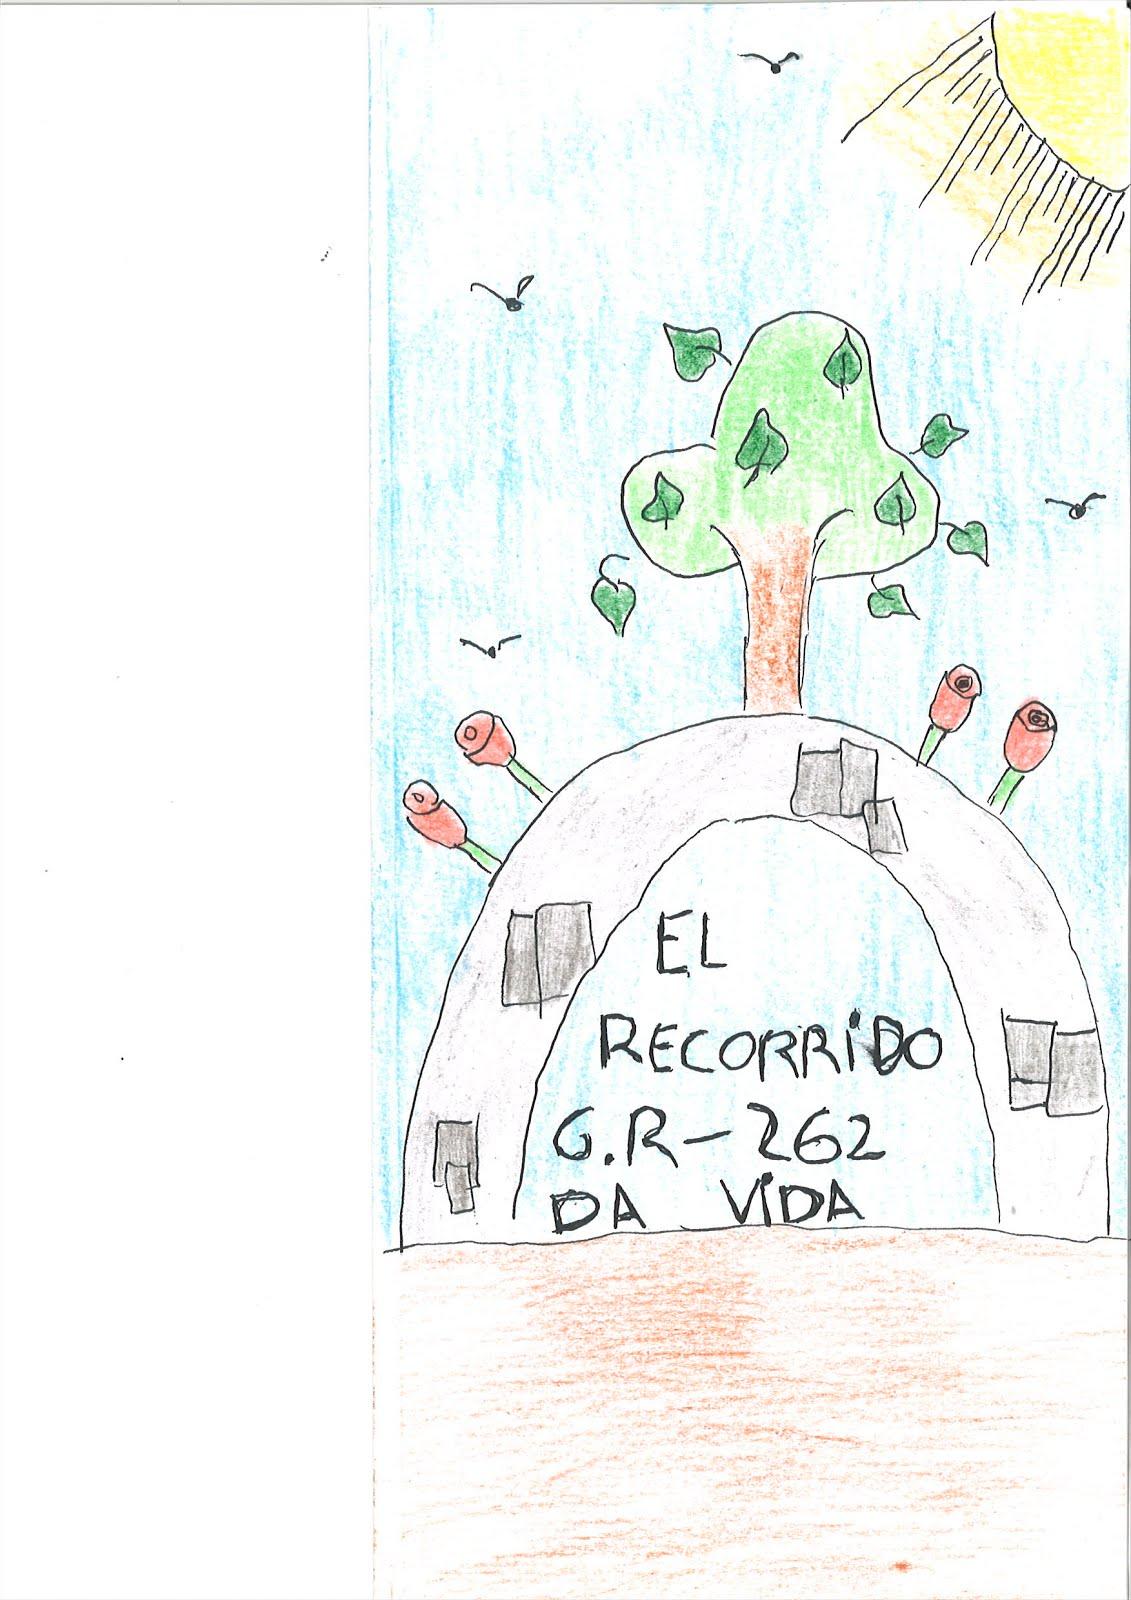 Ruta botánica por el GR262